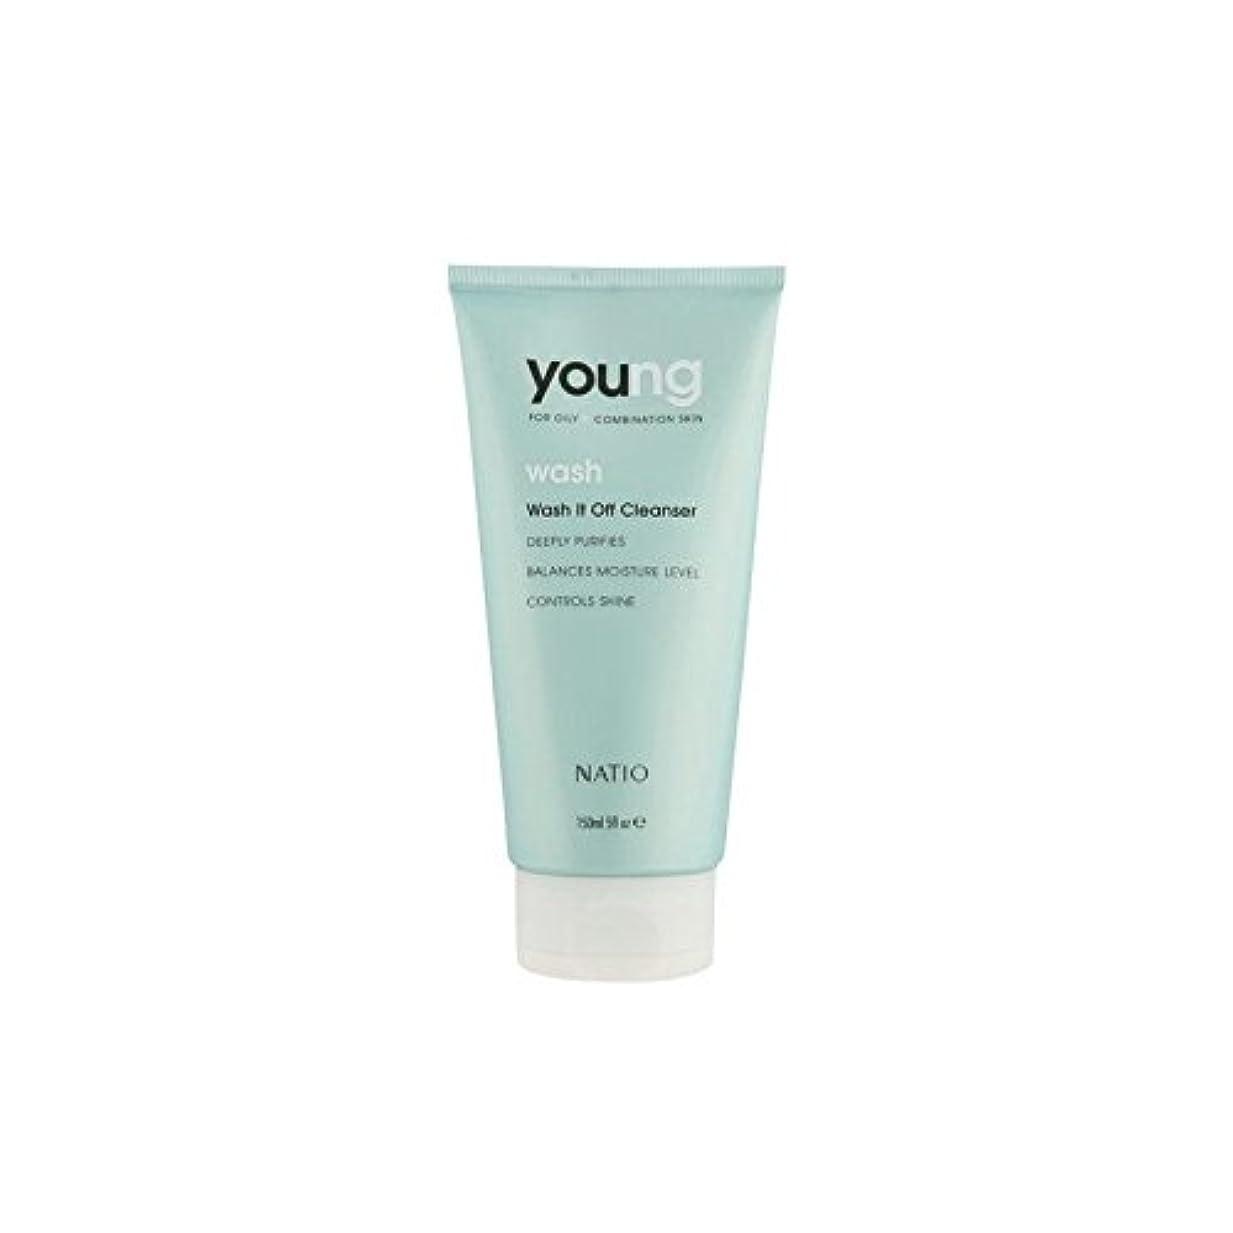 孤児加速度ベッツィトロットウッドNatio Young Wash It Off Cleanser (150ml) - 若いウォッシュそれオフクレンザー(150ミリリットル) [並行輸入品]